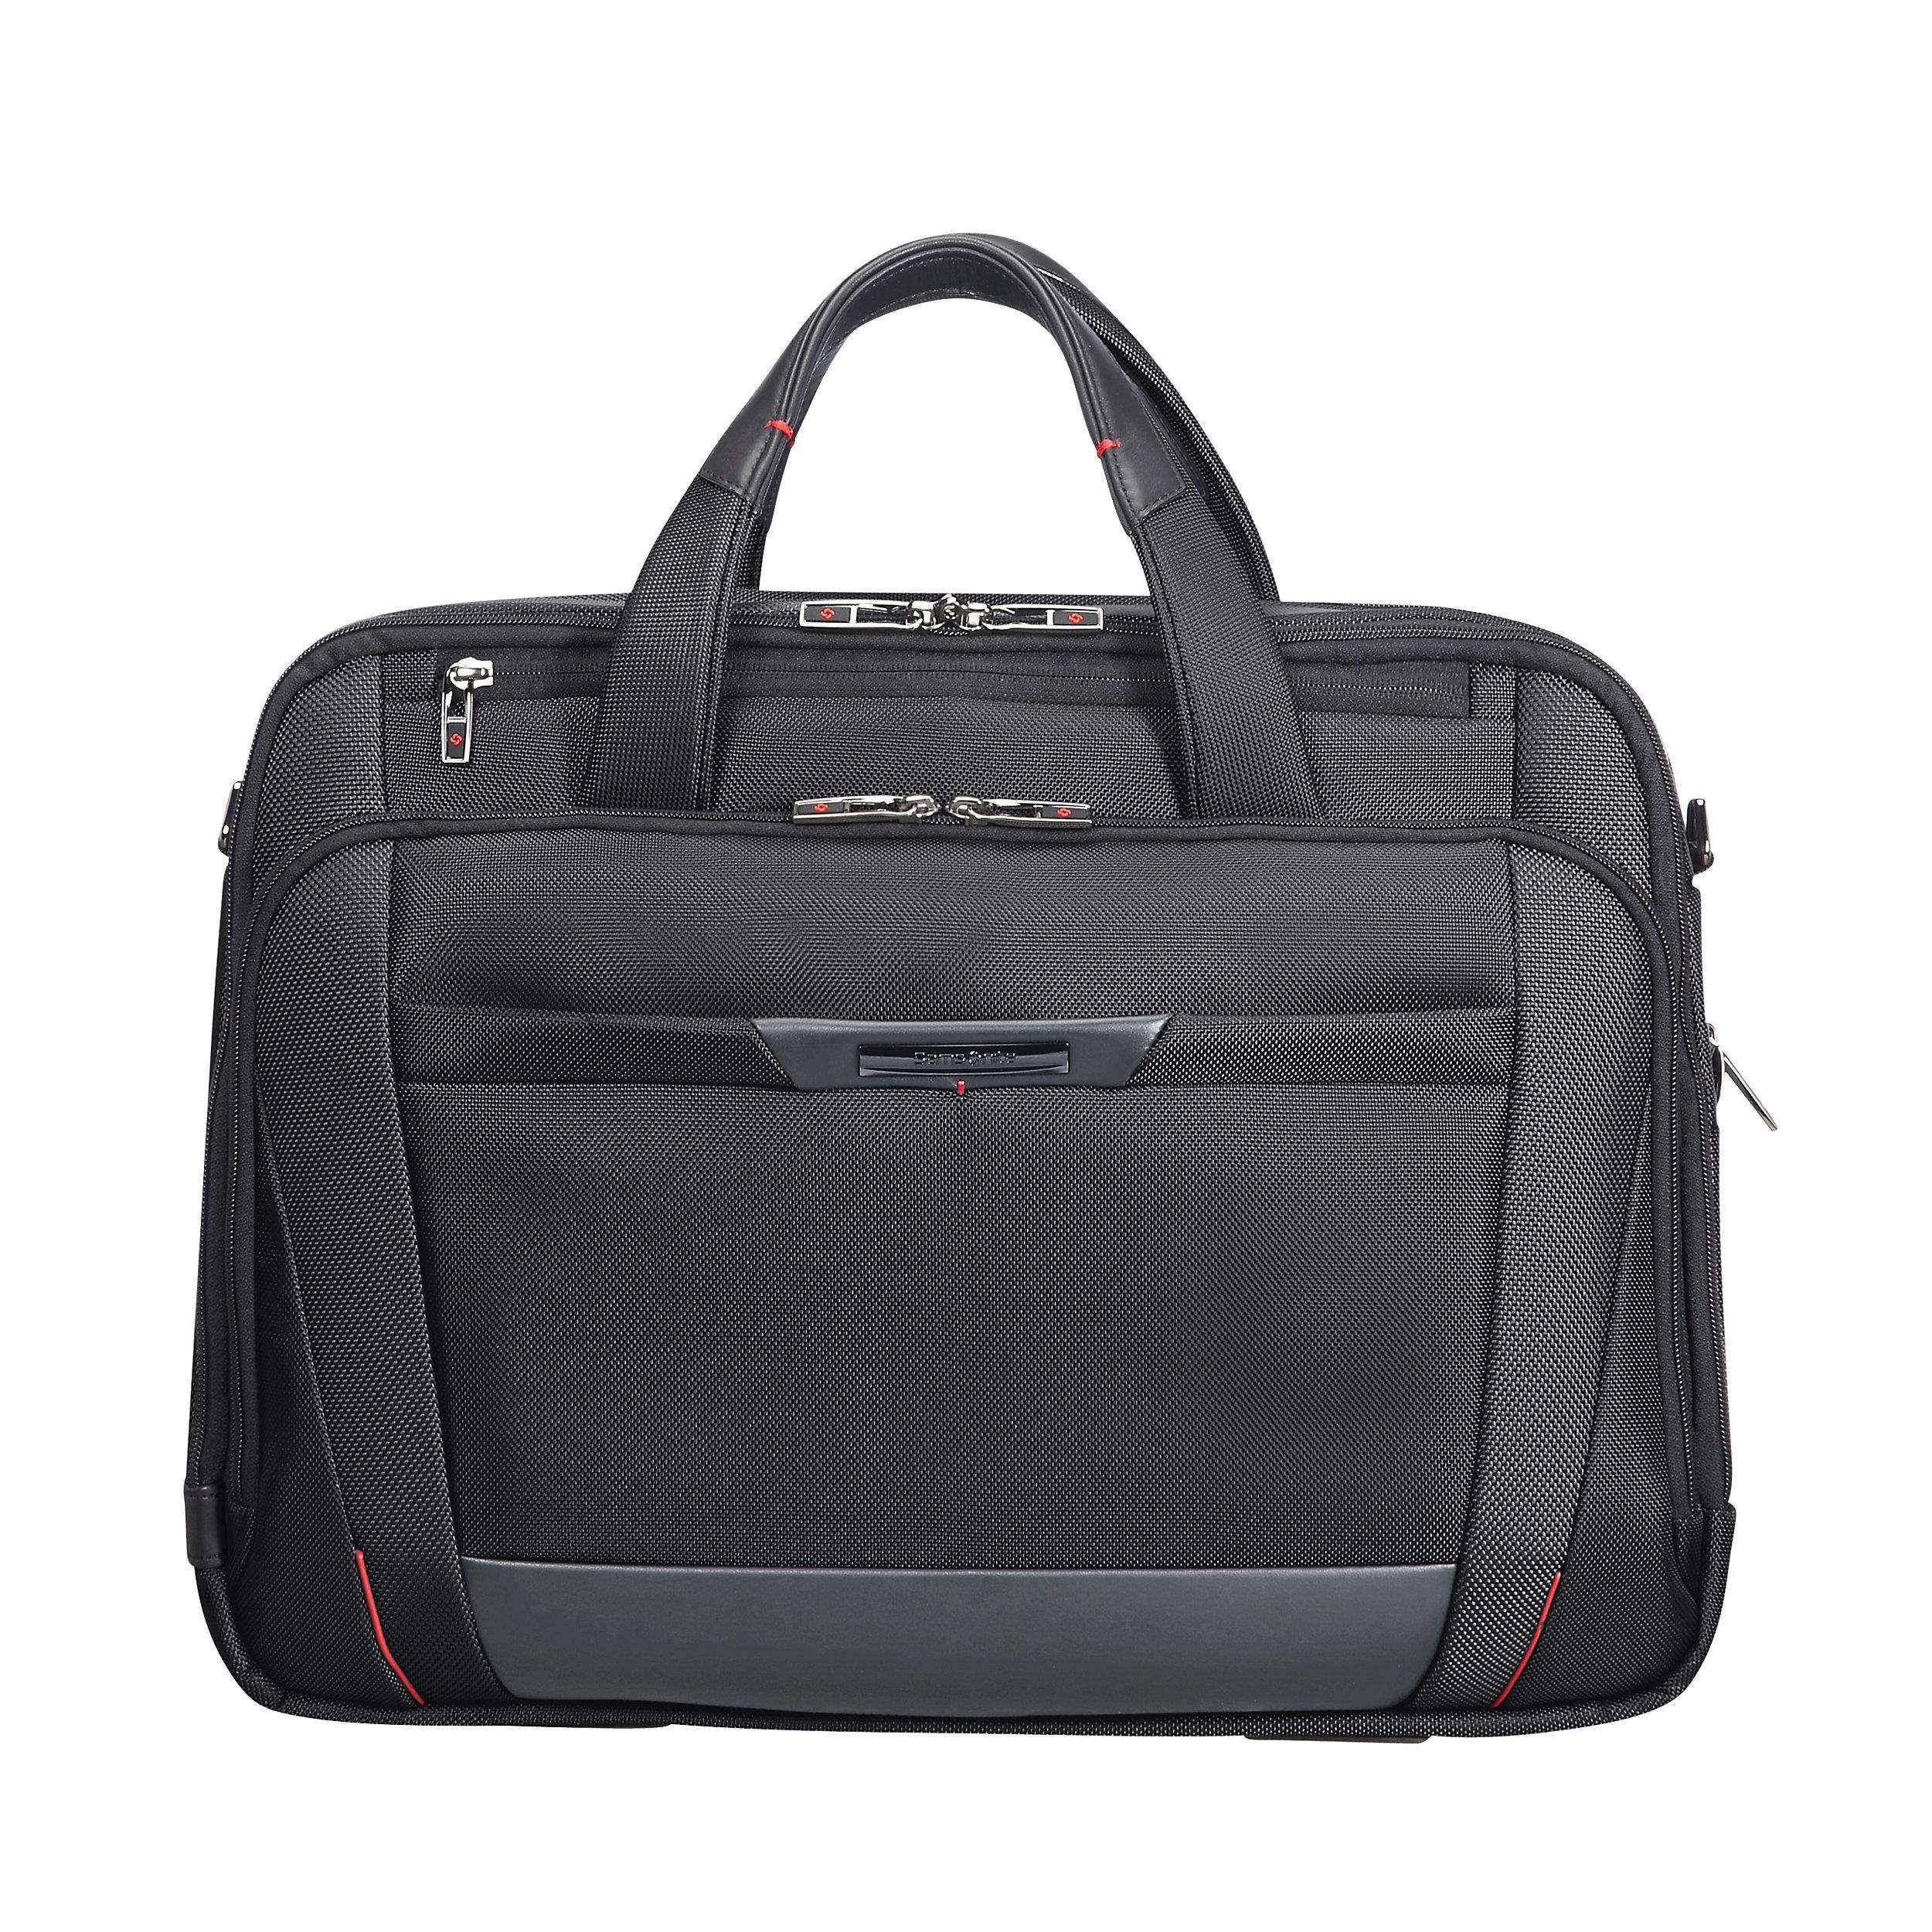 """Laptop Bailhandle 17,3"""" EXP RFID Pro-DLX5 24.5 Liter"""